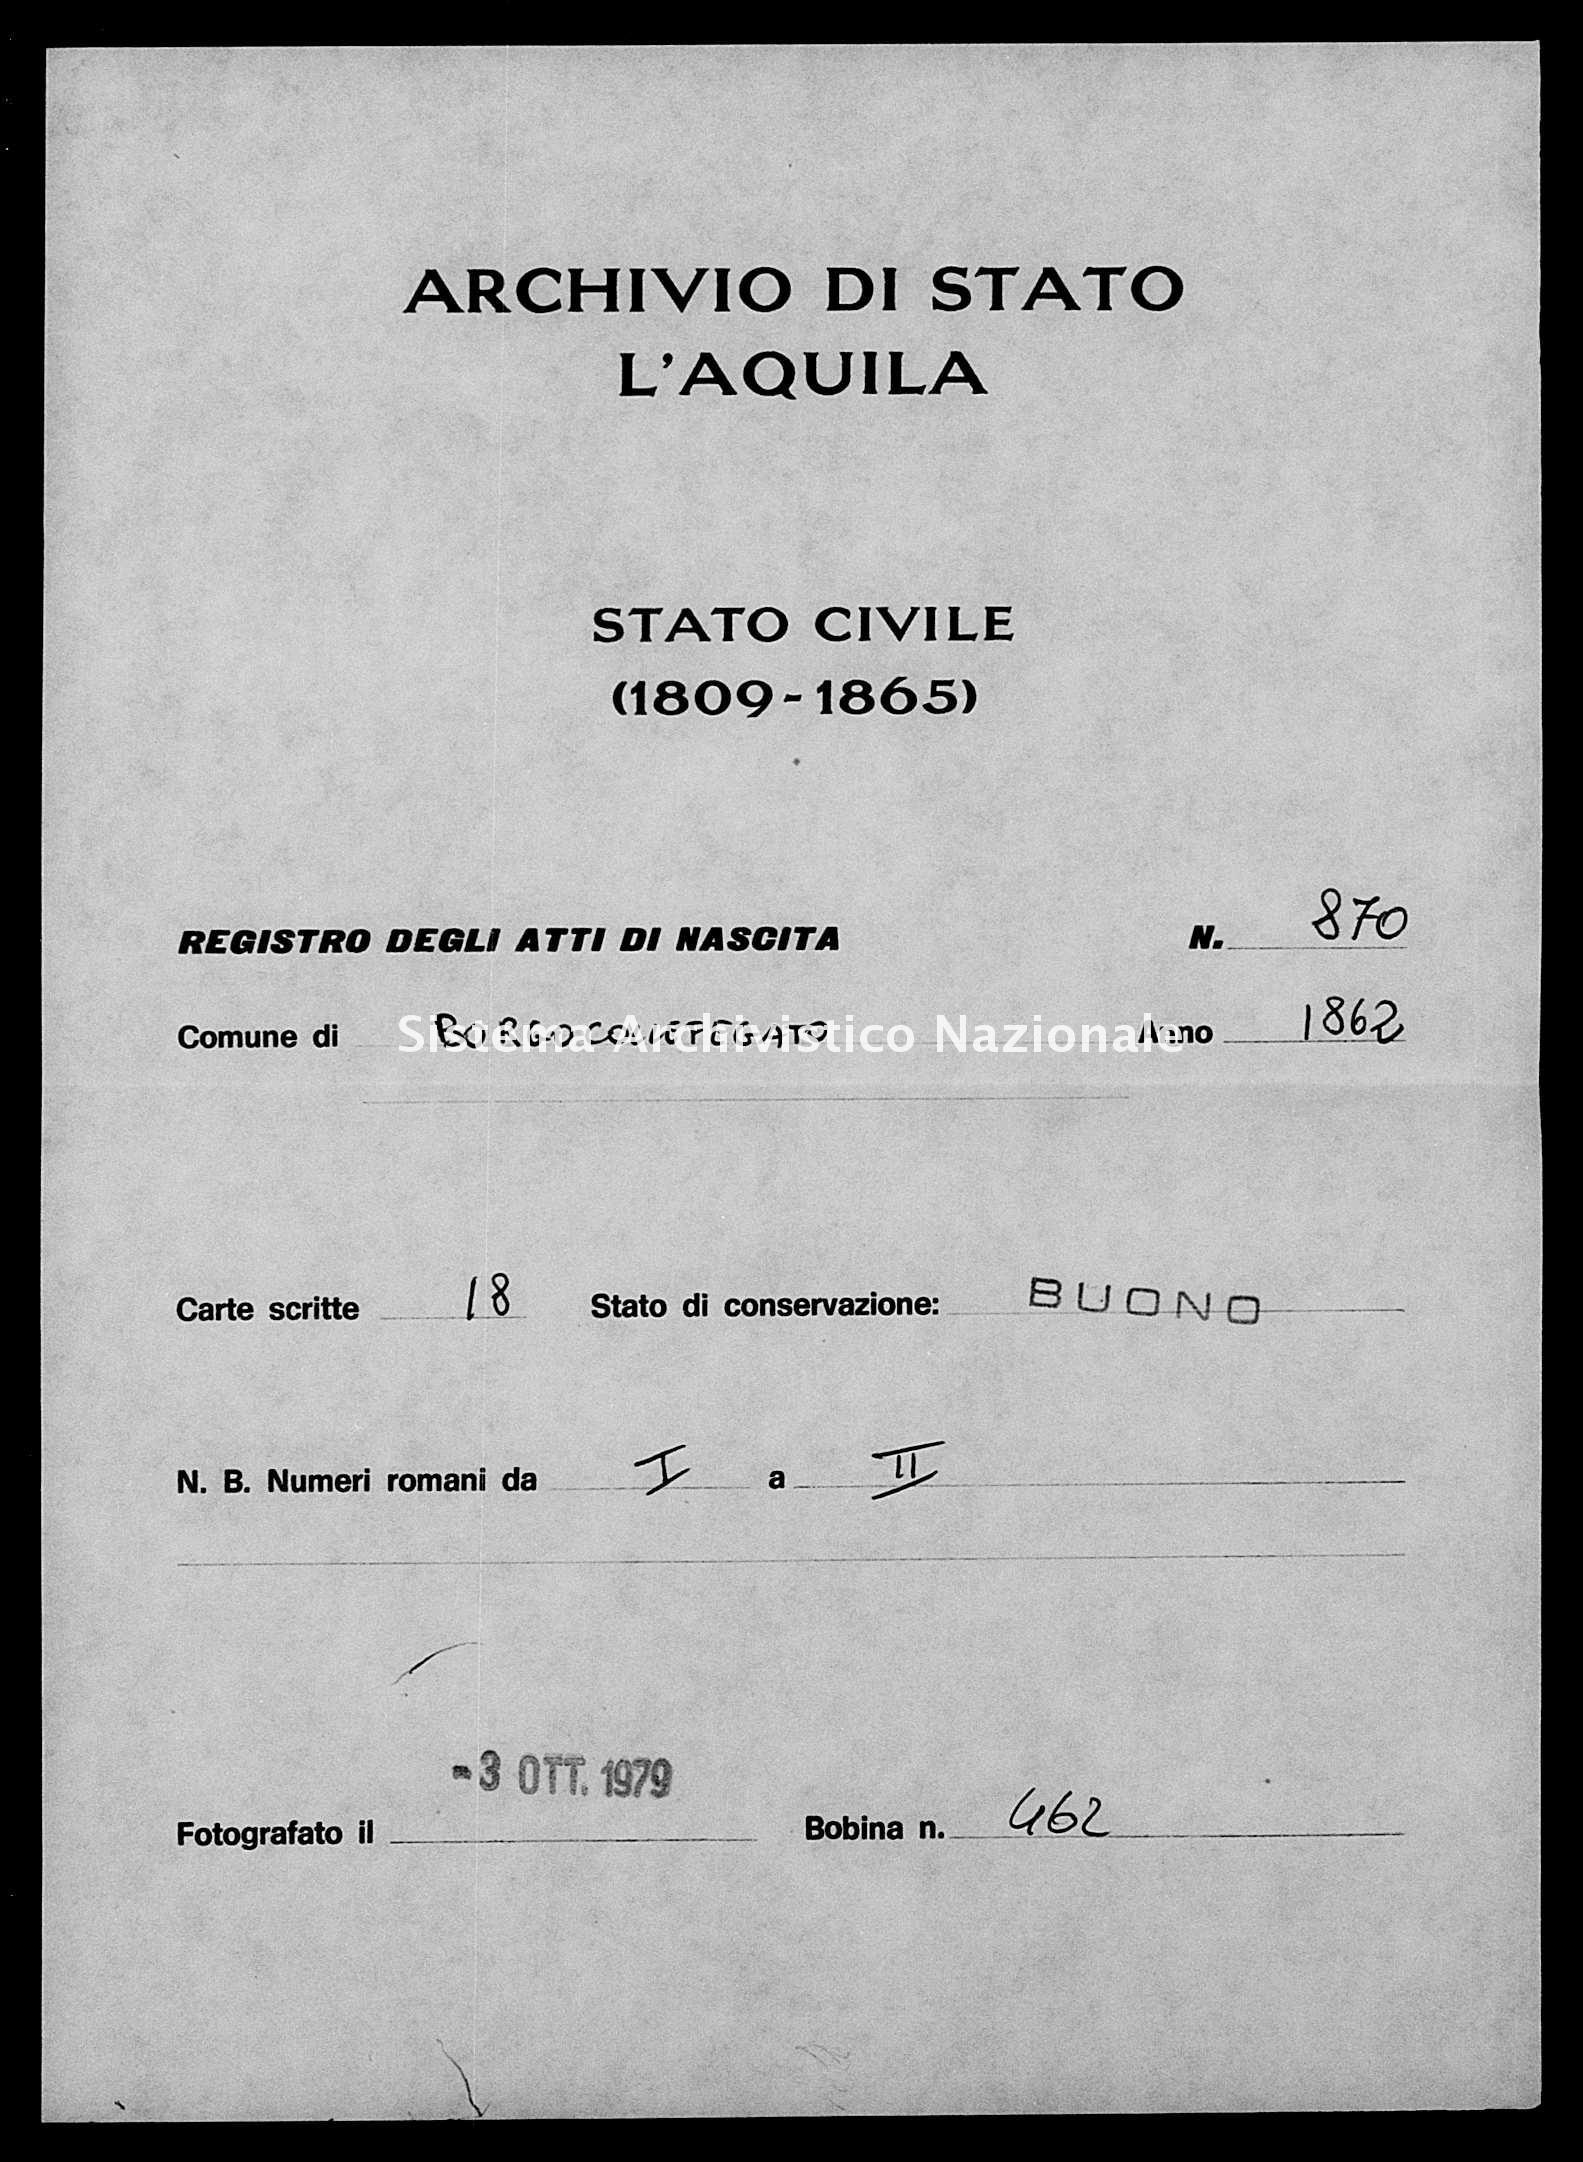 Archivio di stato di L'aquila - Stato civile italiano - Borgocollefegato - Nati - 1862 - 870 -